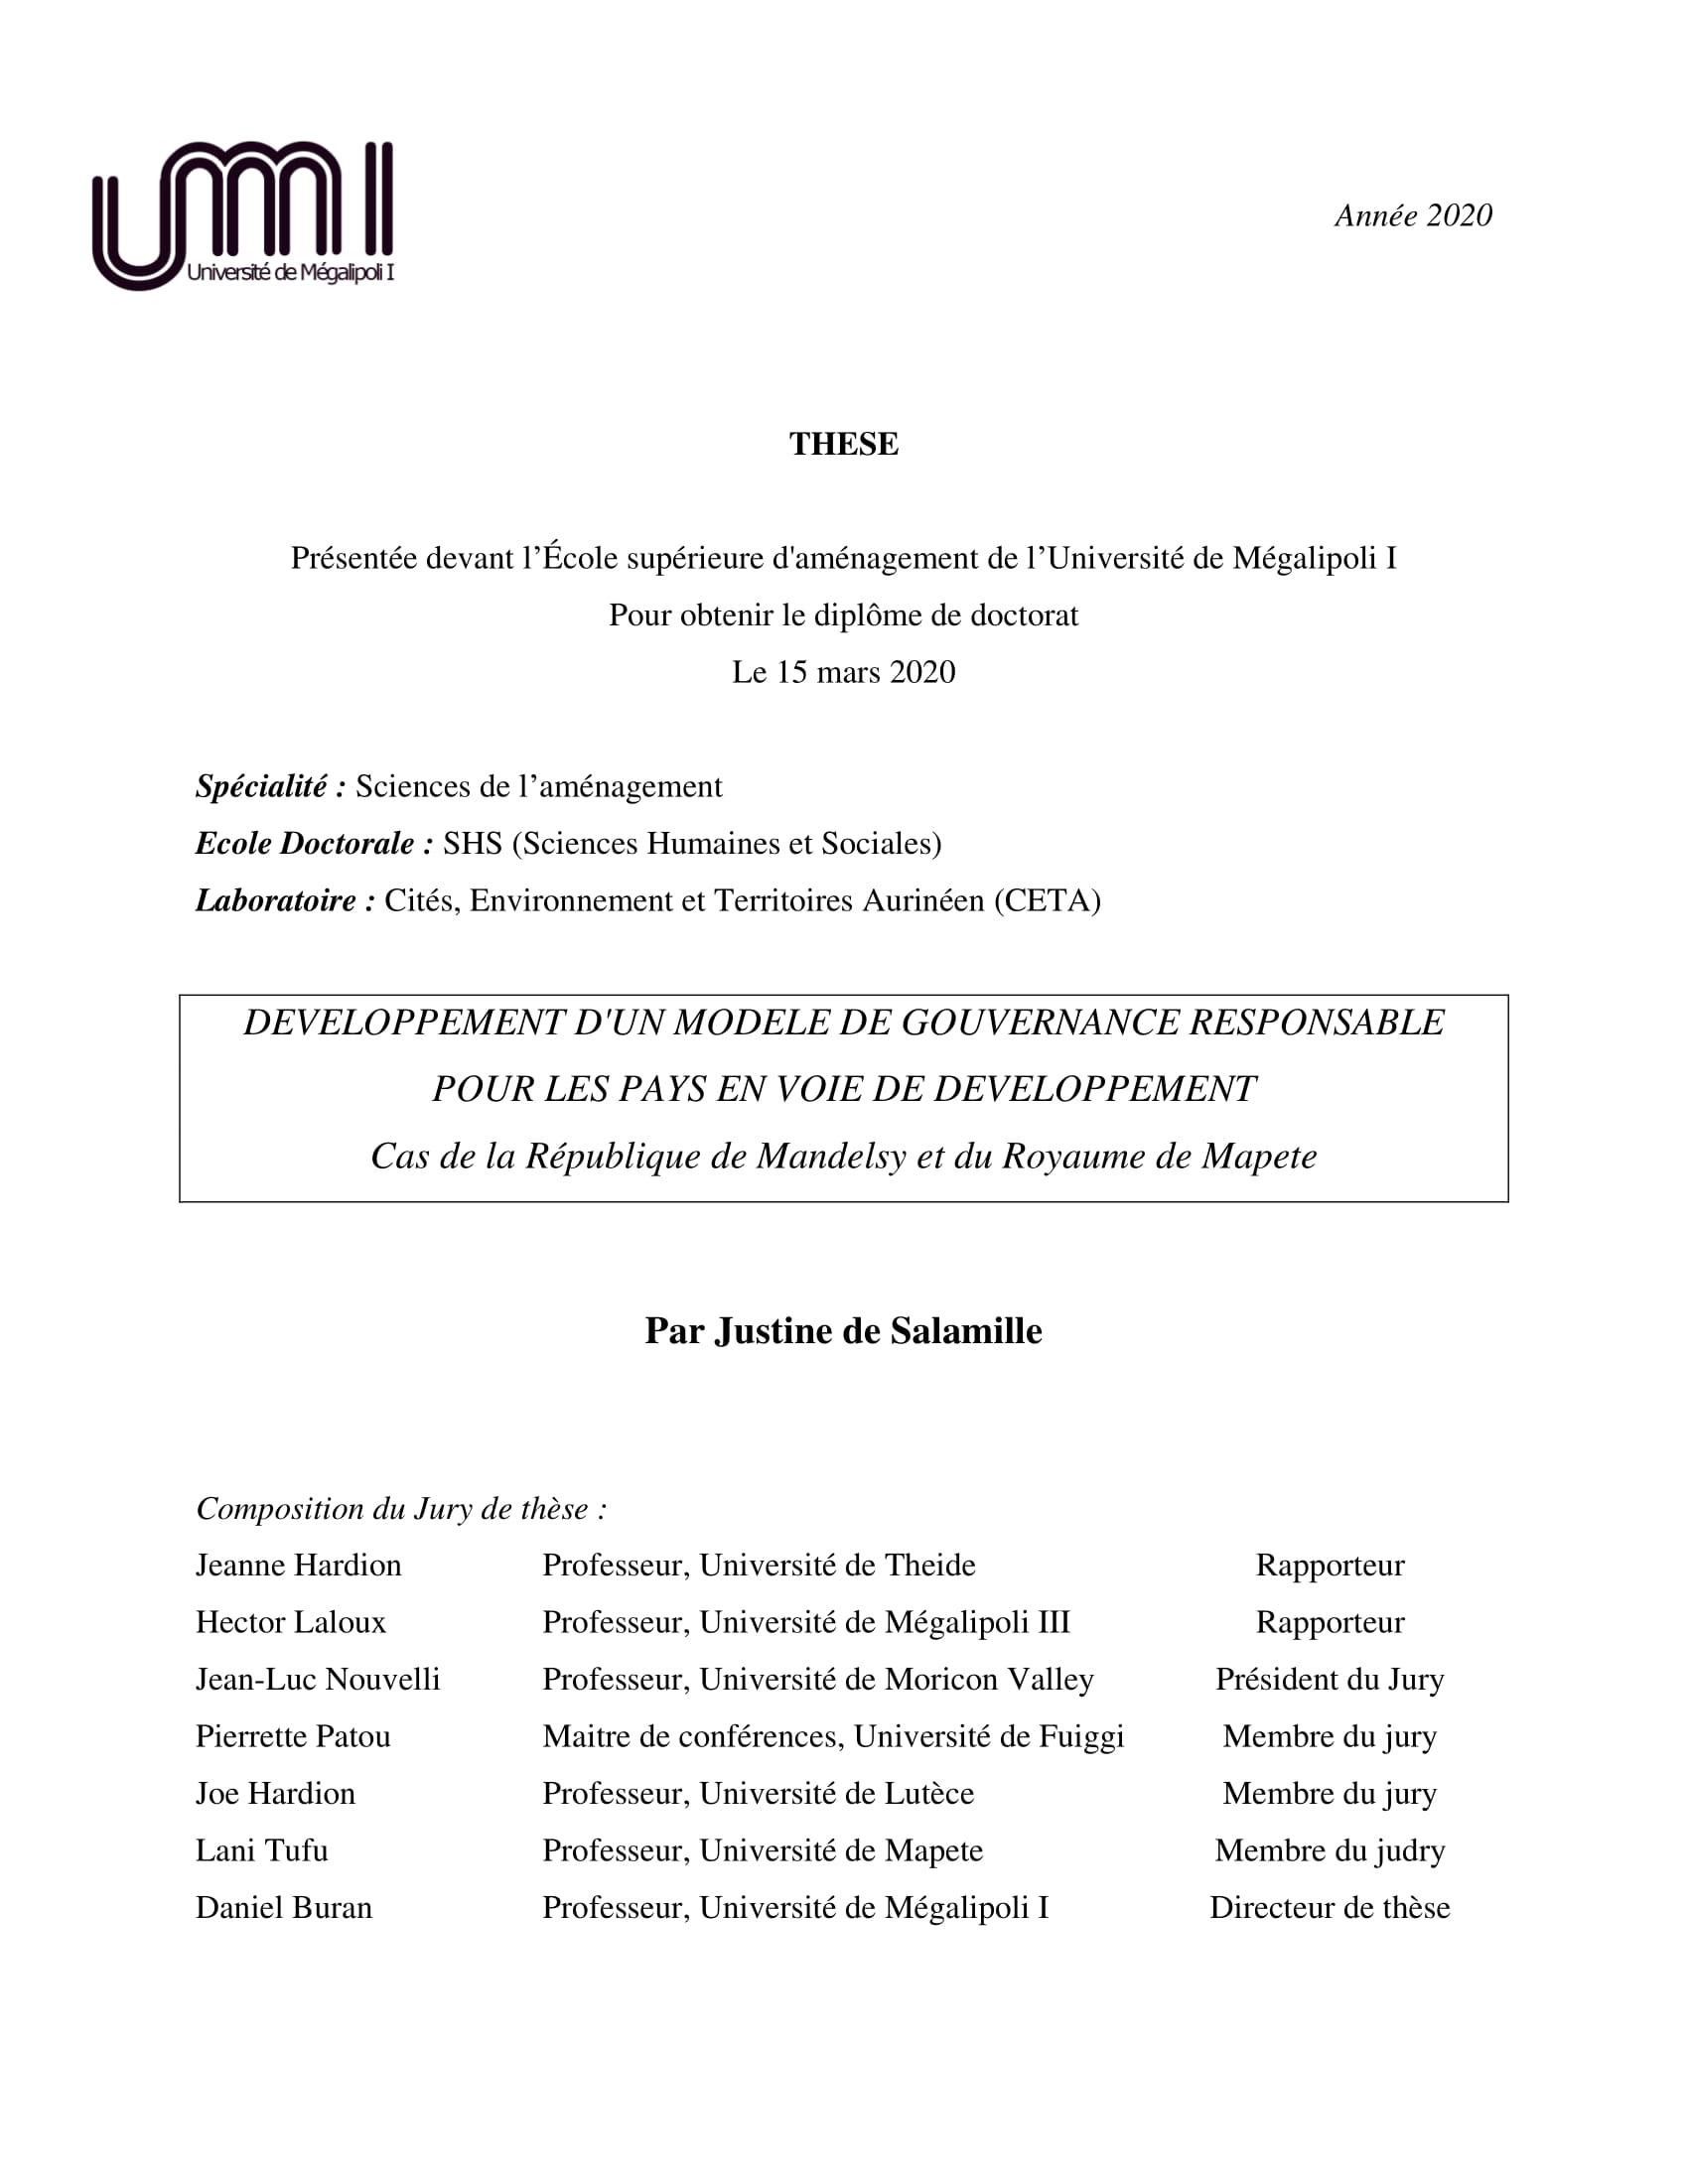 Mandelsy - 24 heures de l'Aubrière, épreuve préliminaire - Page 56 CouvertureTheseJDS